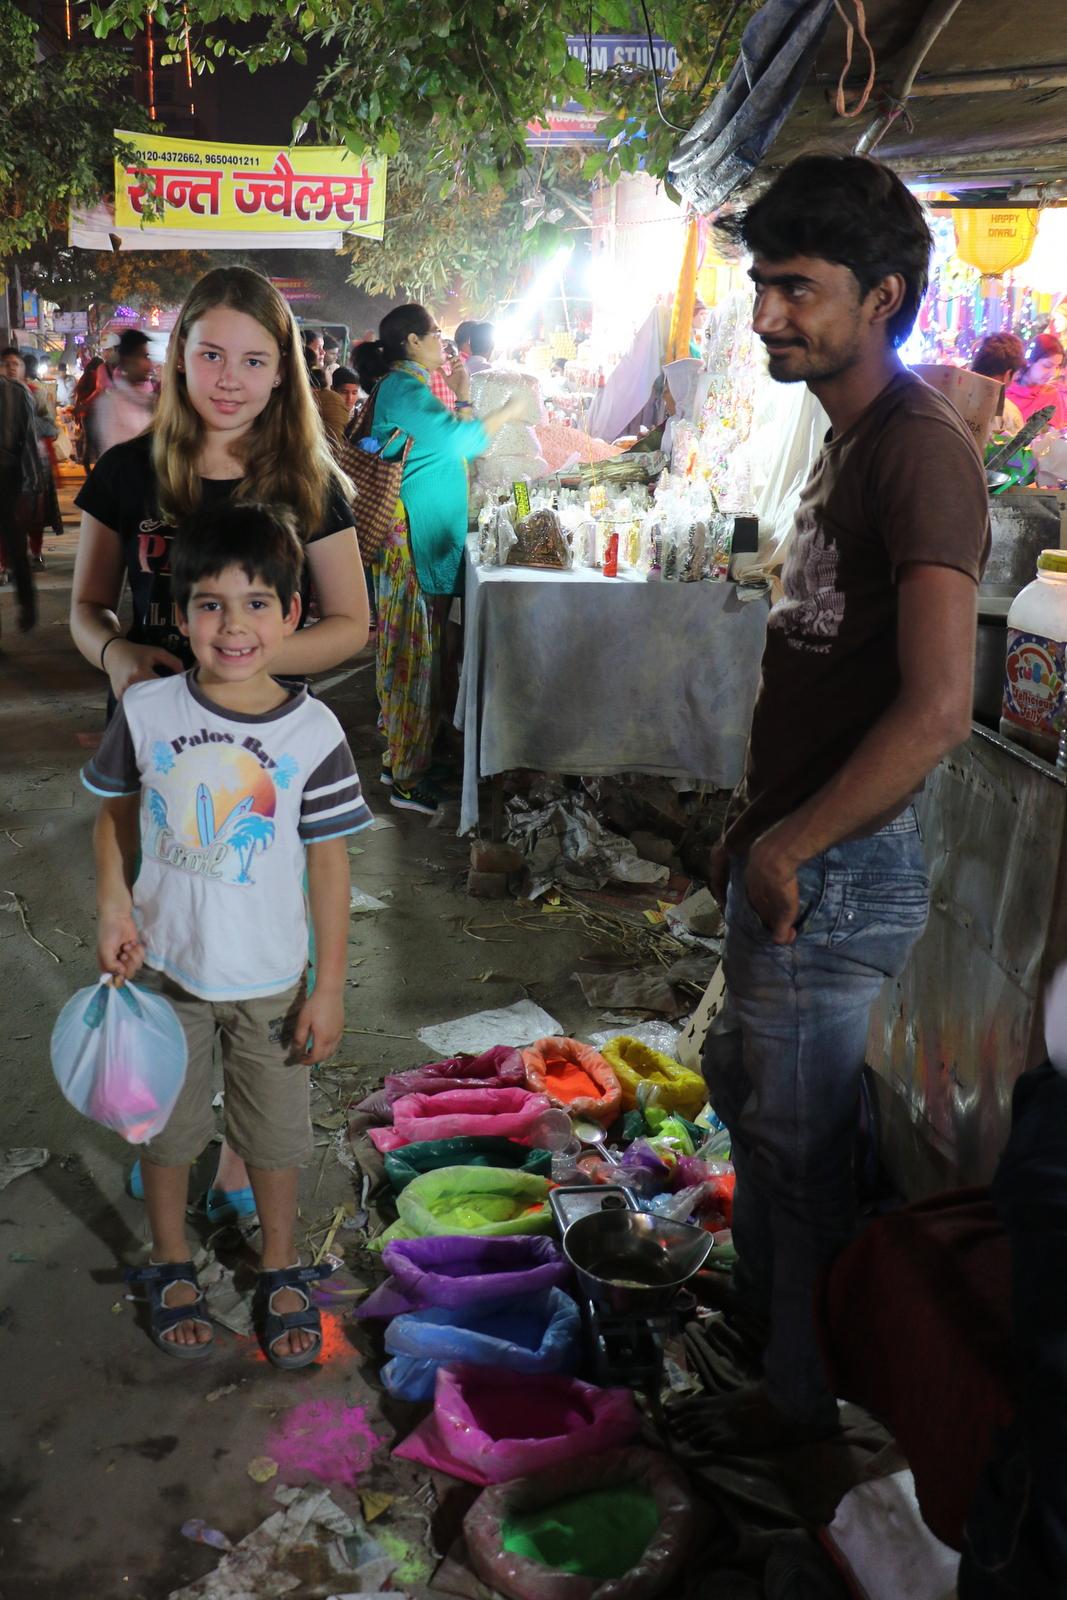 Värijauheetkin ostettiin lopulta, sillä lapsilla oli jo kiire päästä tekemään kuvioita.